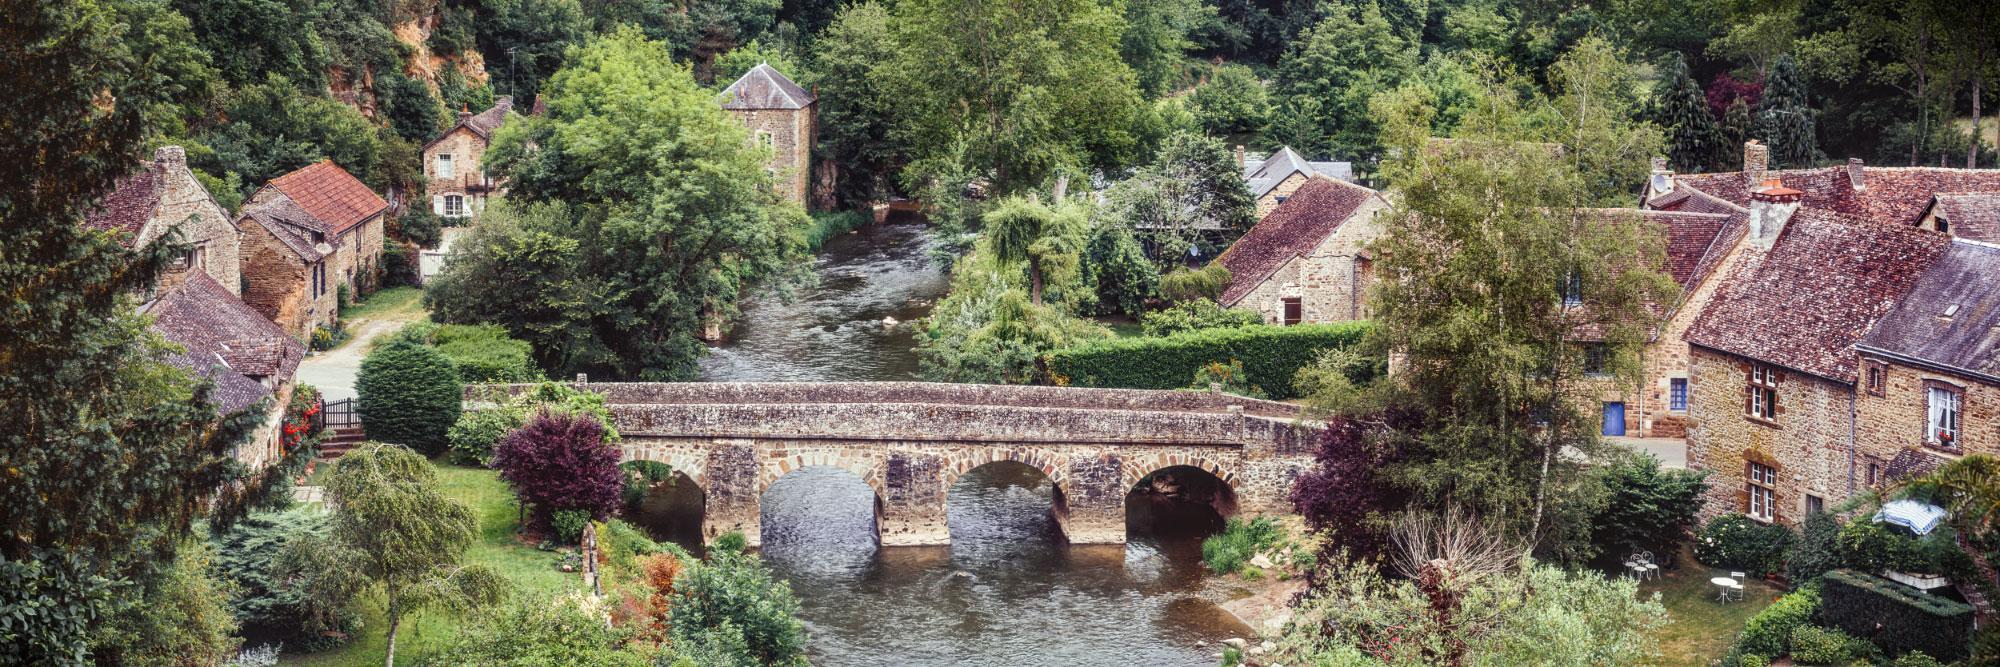 La Sarthe à Saint-Ceneri-le-Gerei